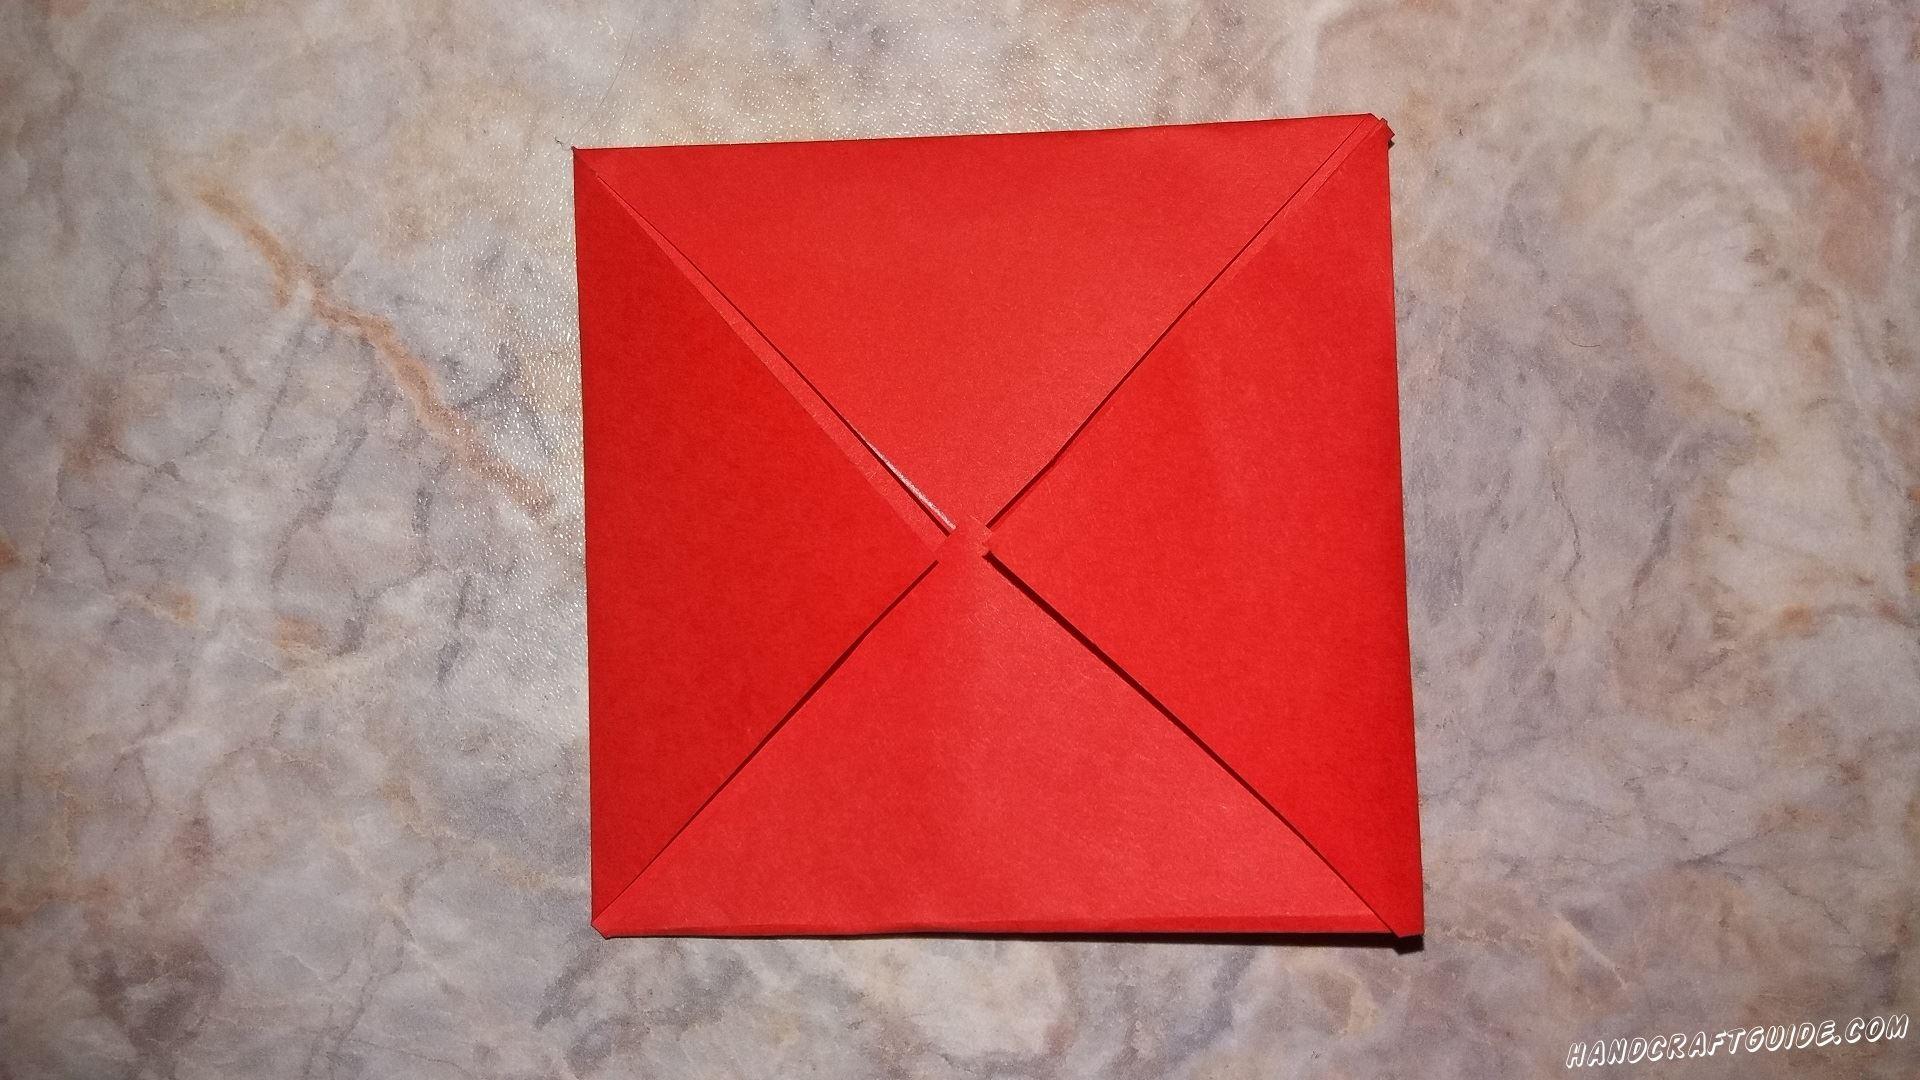 Складываем наш квадрат так, чтоб в центре сошлись четыре треугольника